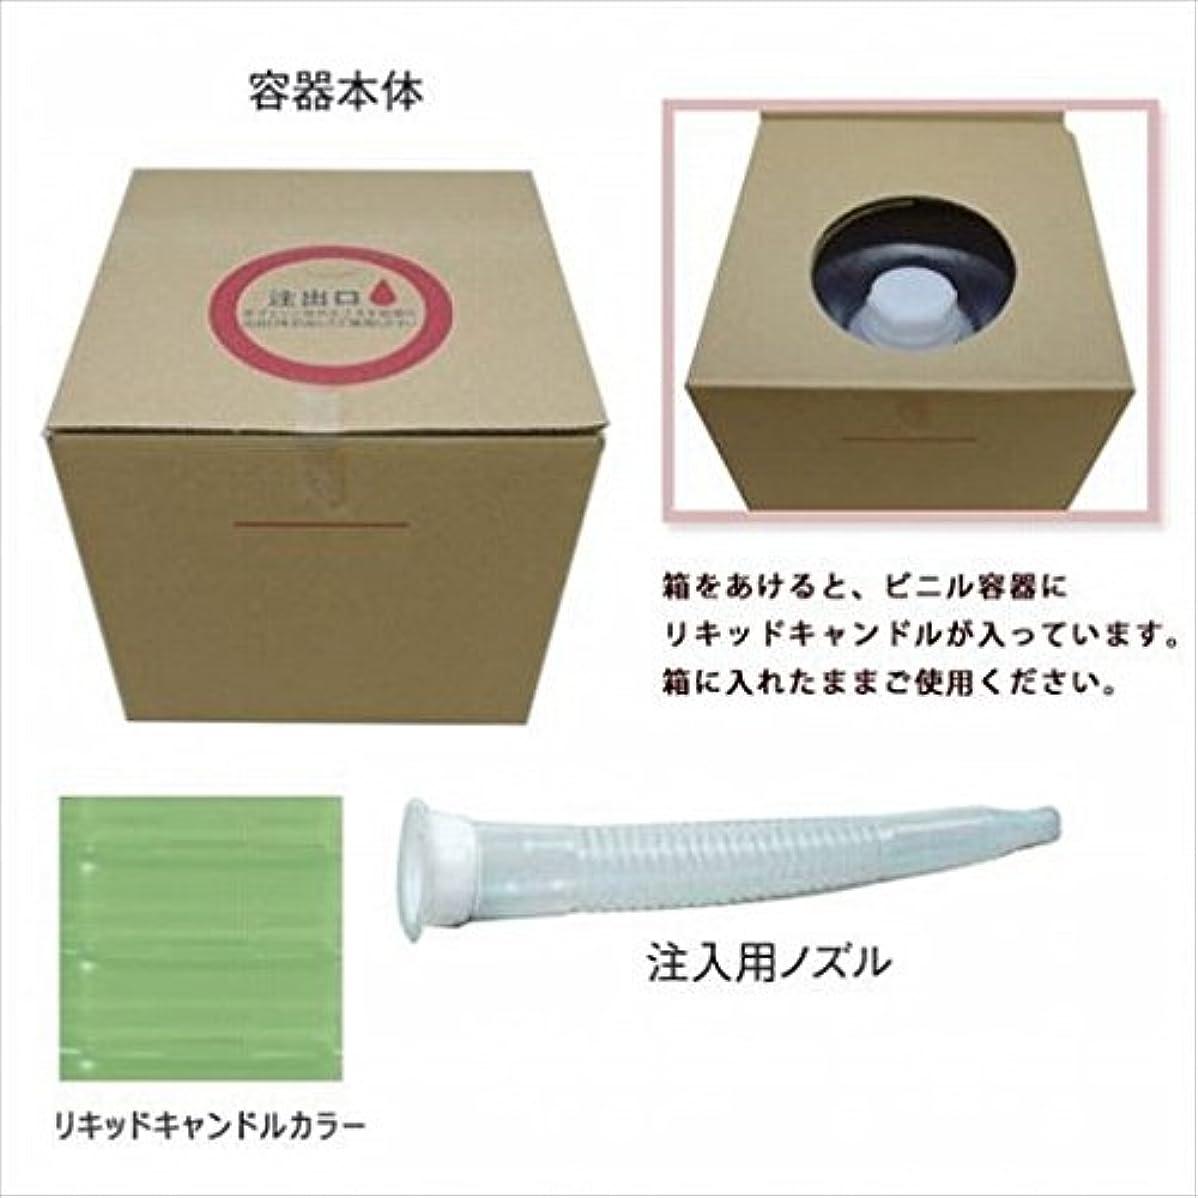 エロチック港虚栄心kameyama candle(カメヤマキャンドル) リキッドキャンドル5リットル 「 ライトグリーン 」(77320000LG)